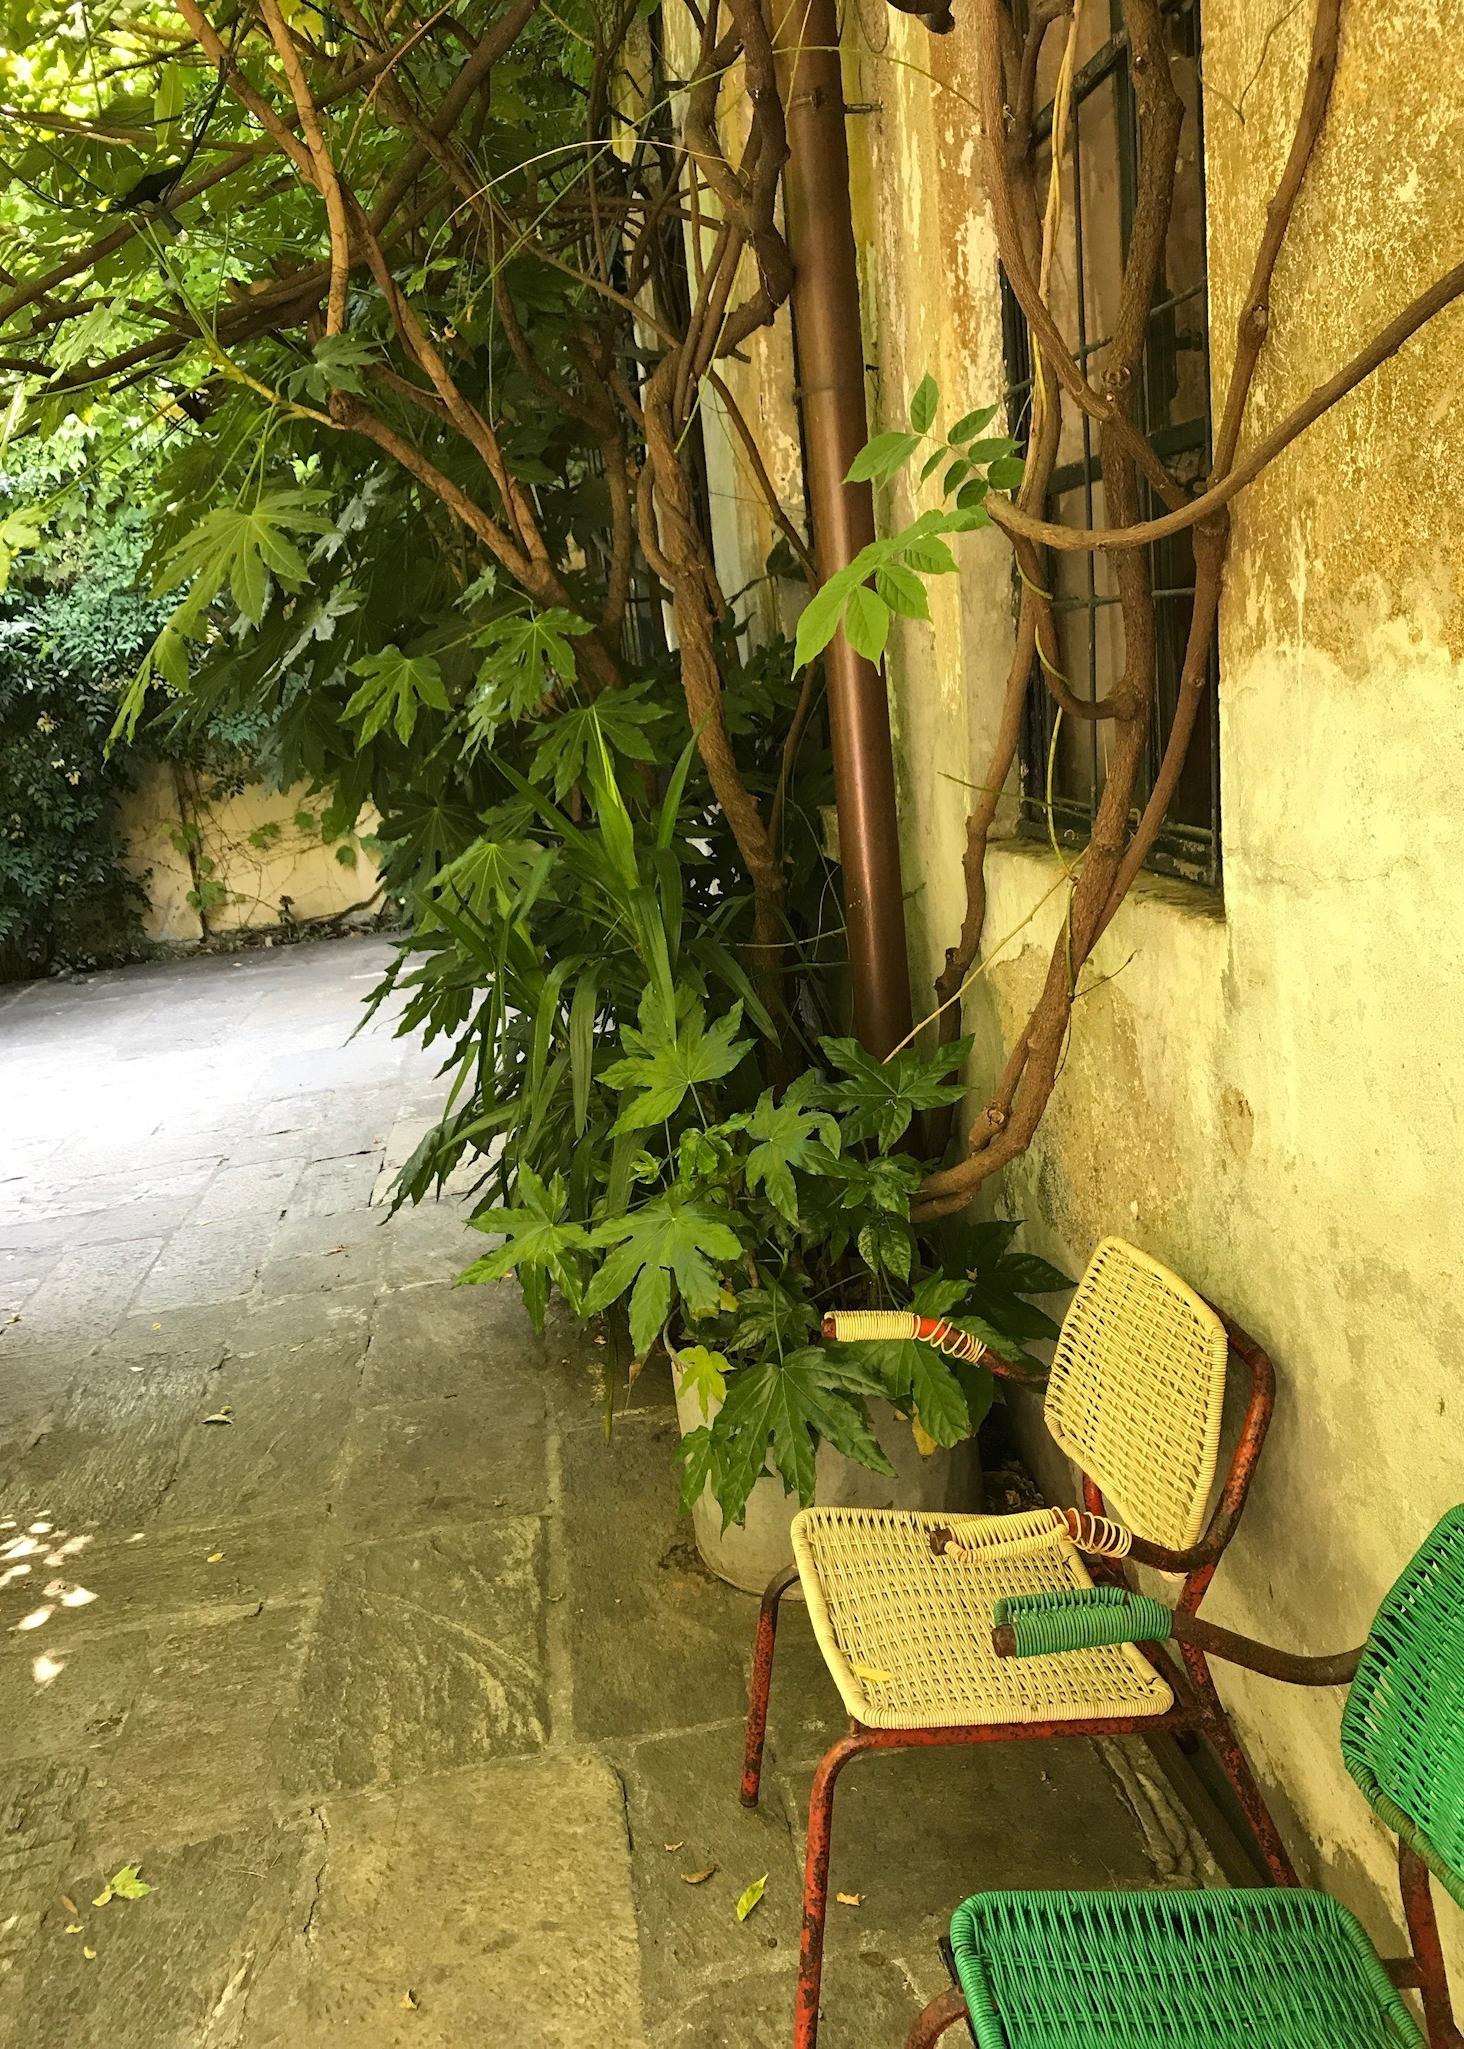 Antonio Marras - garden